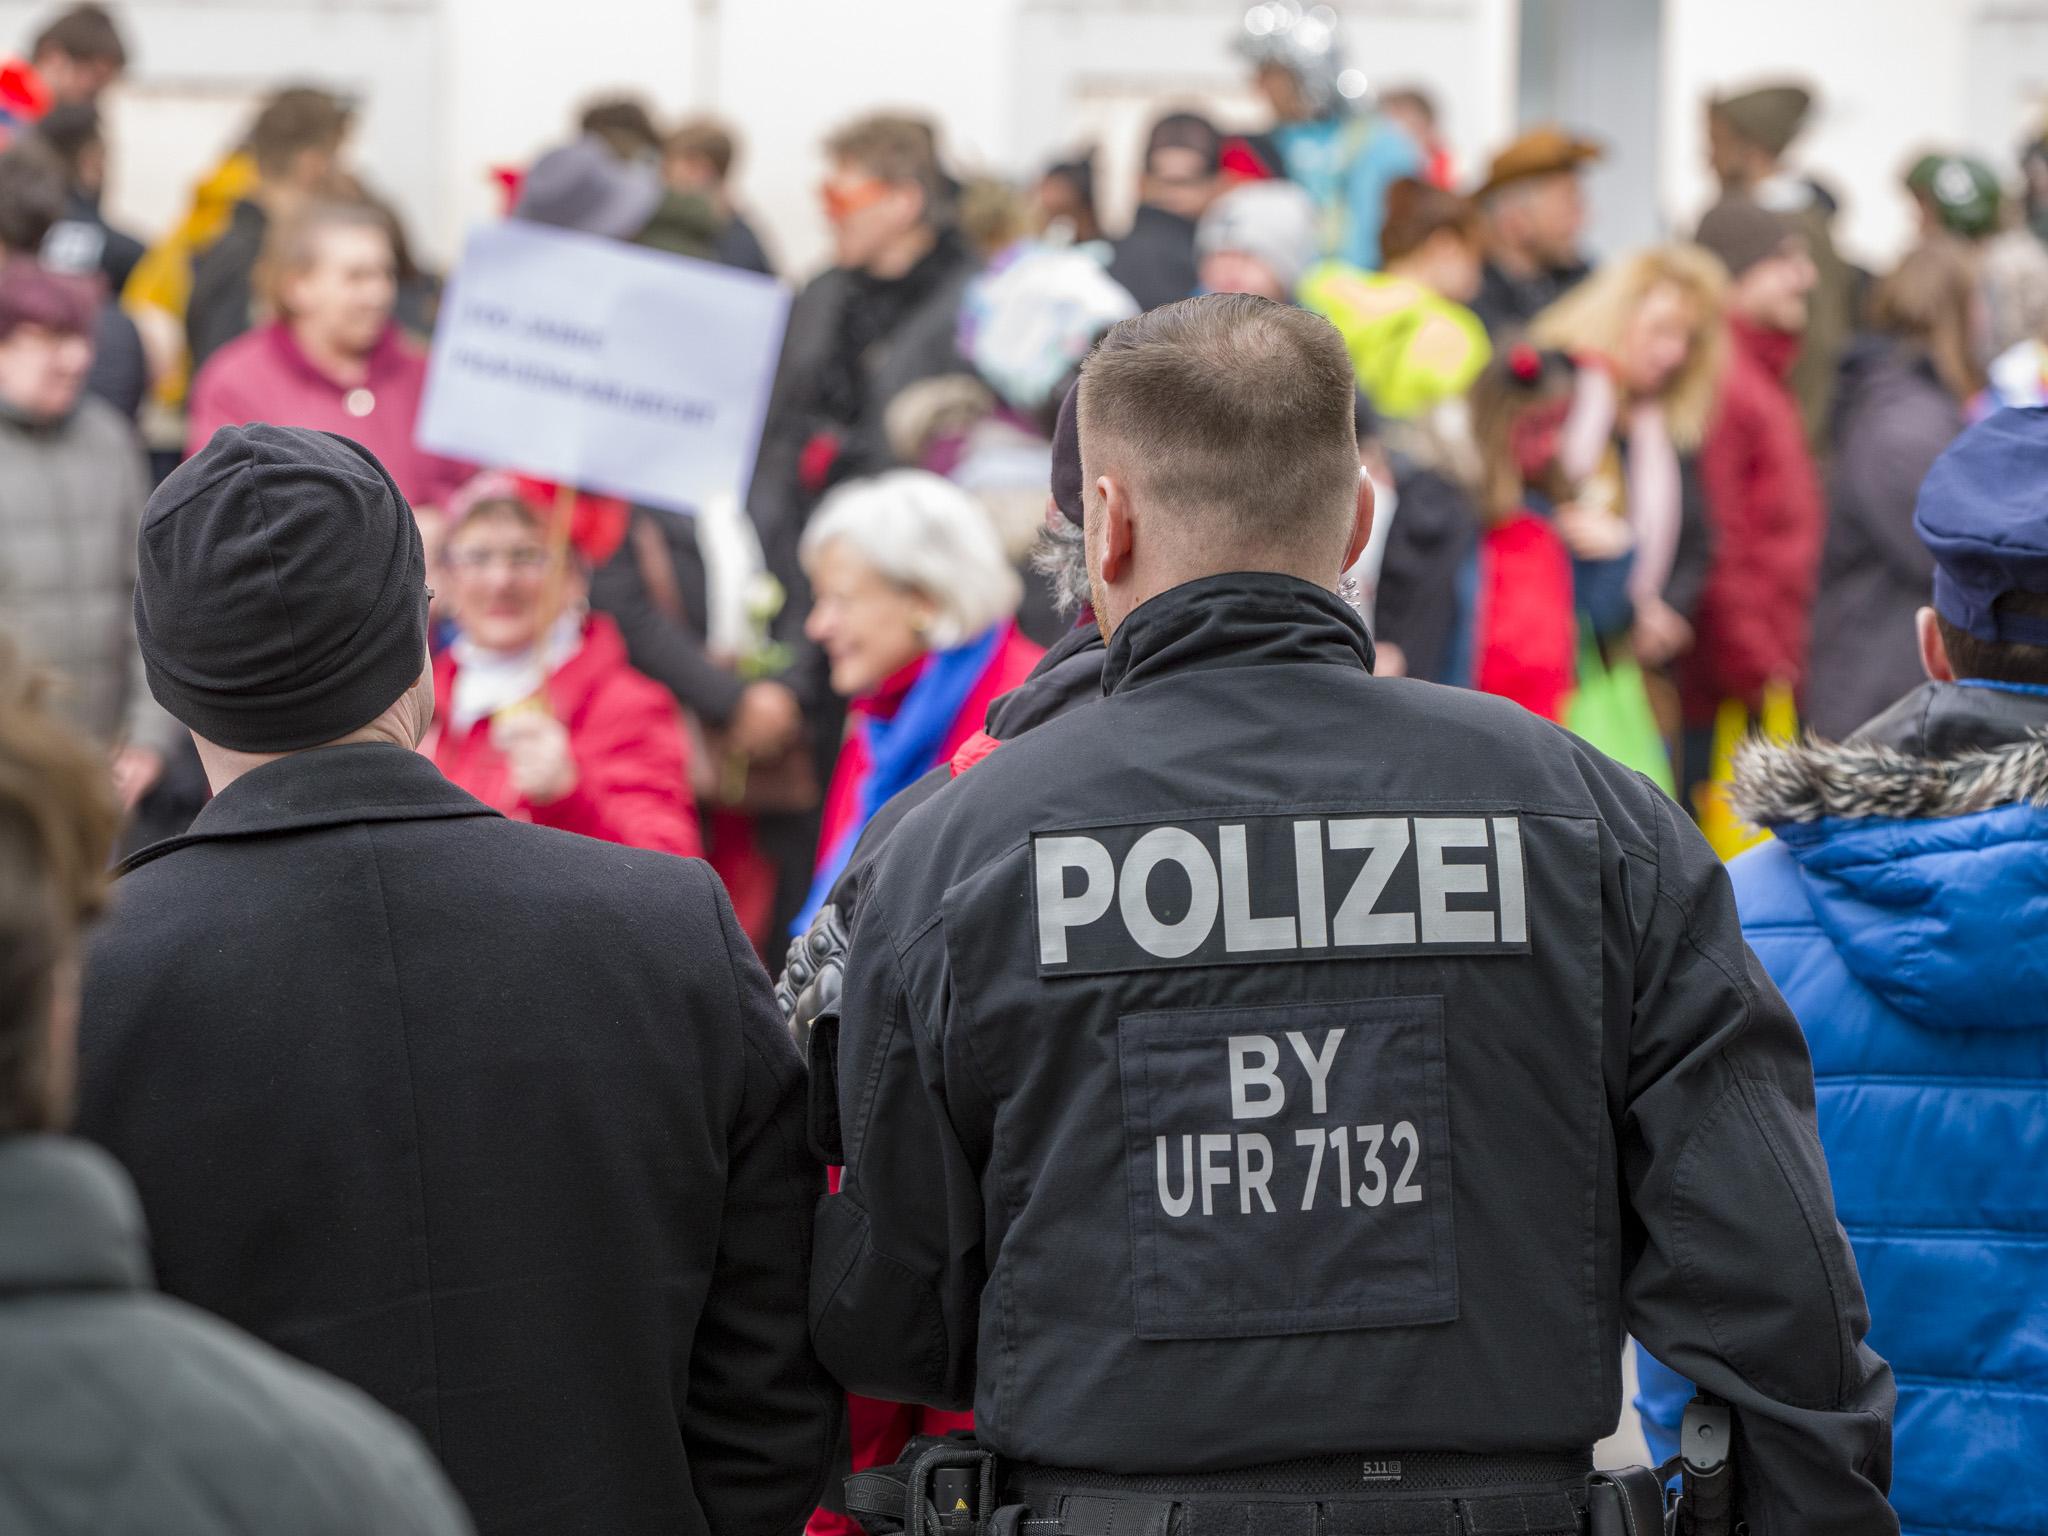 Beamte wurden mit einer abgebrochenen Flasche attackierte. Foto: Pascal Höfig